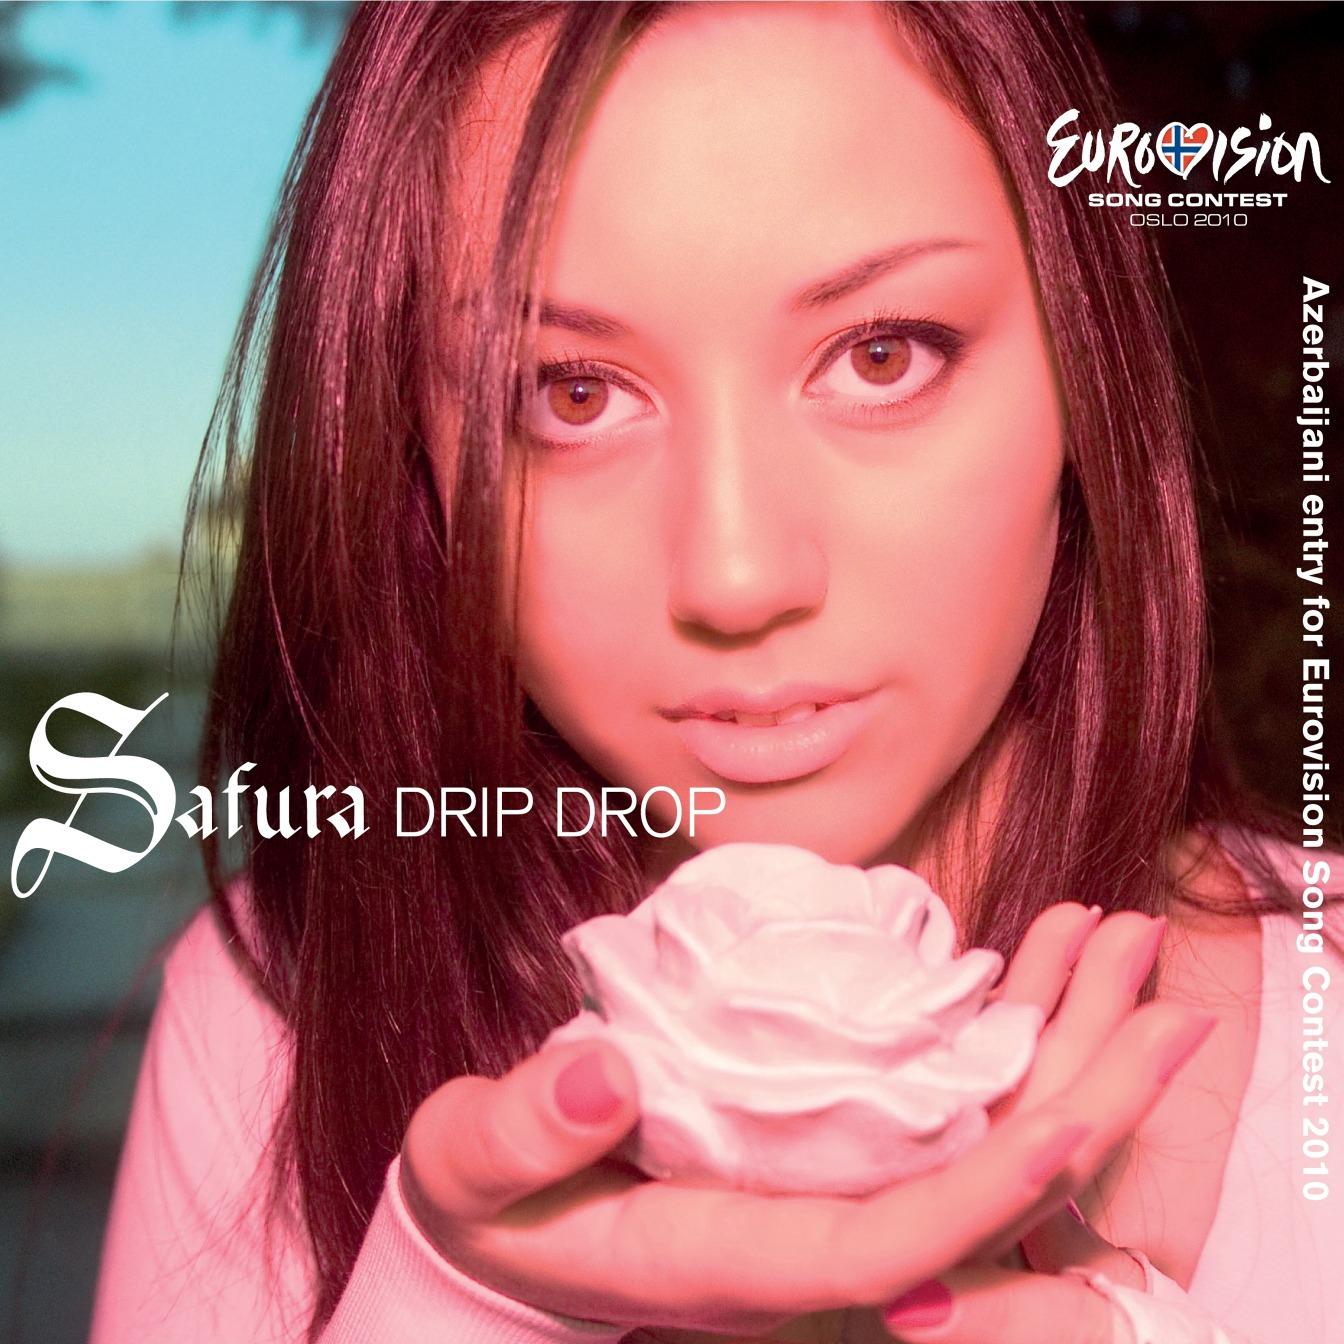 http://1.bp.blogspot.com/__Ji7vmsyDPg/THLktiEKxEI/AAAAAAAAEgc/I-Mop_pqsTI/s1600/Safura+-+Drip+drop.jpg